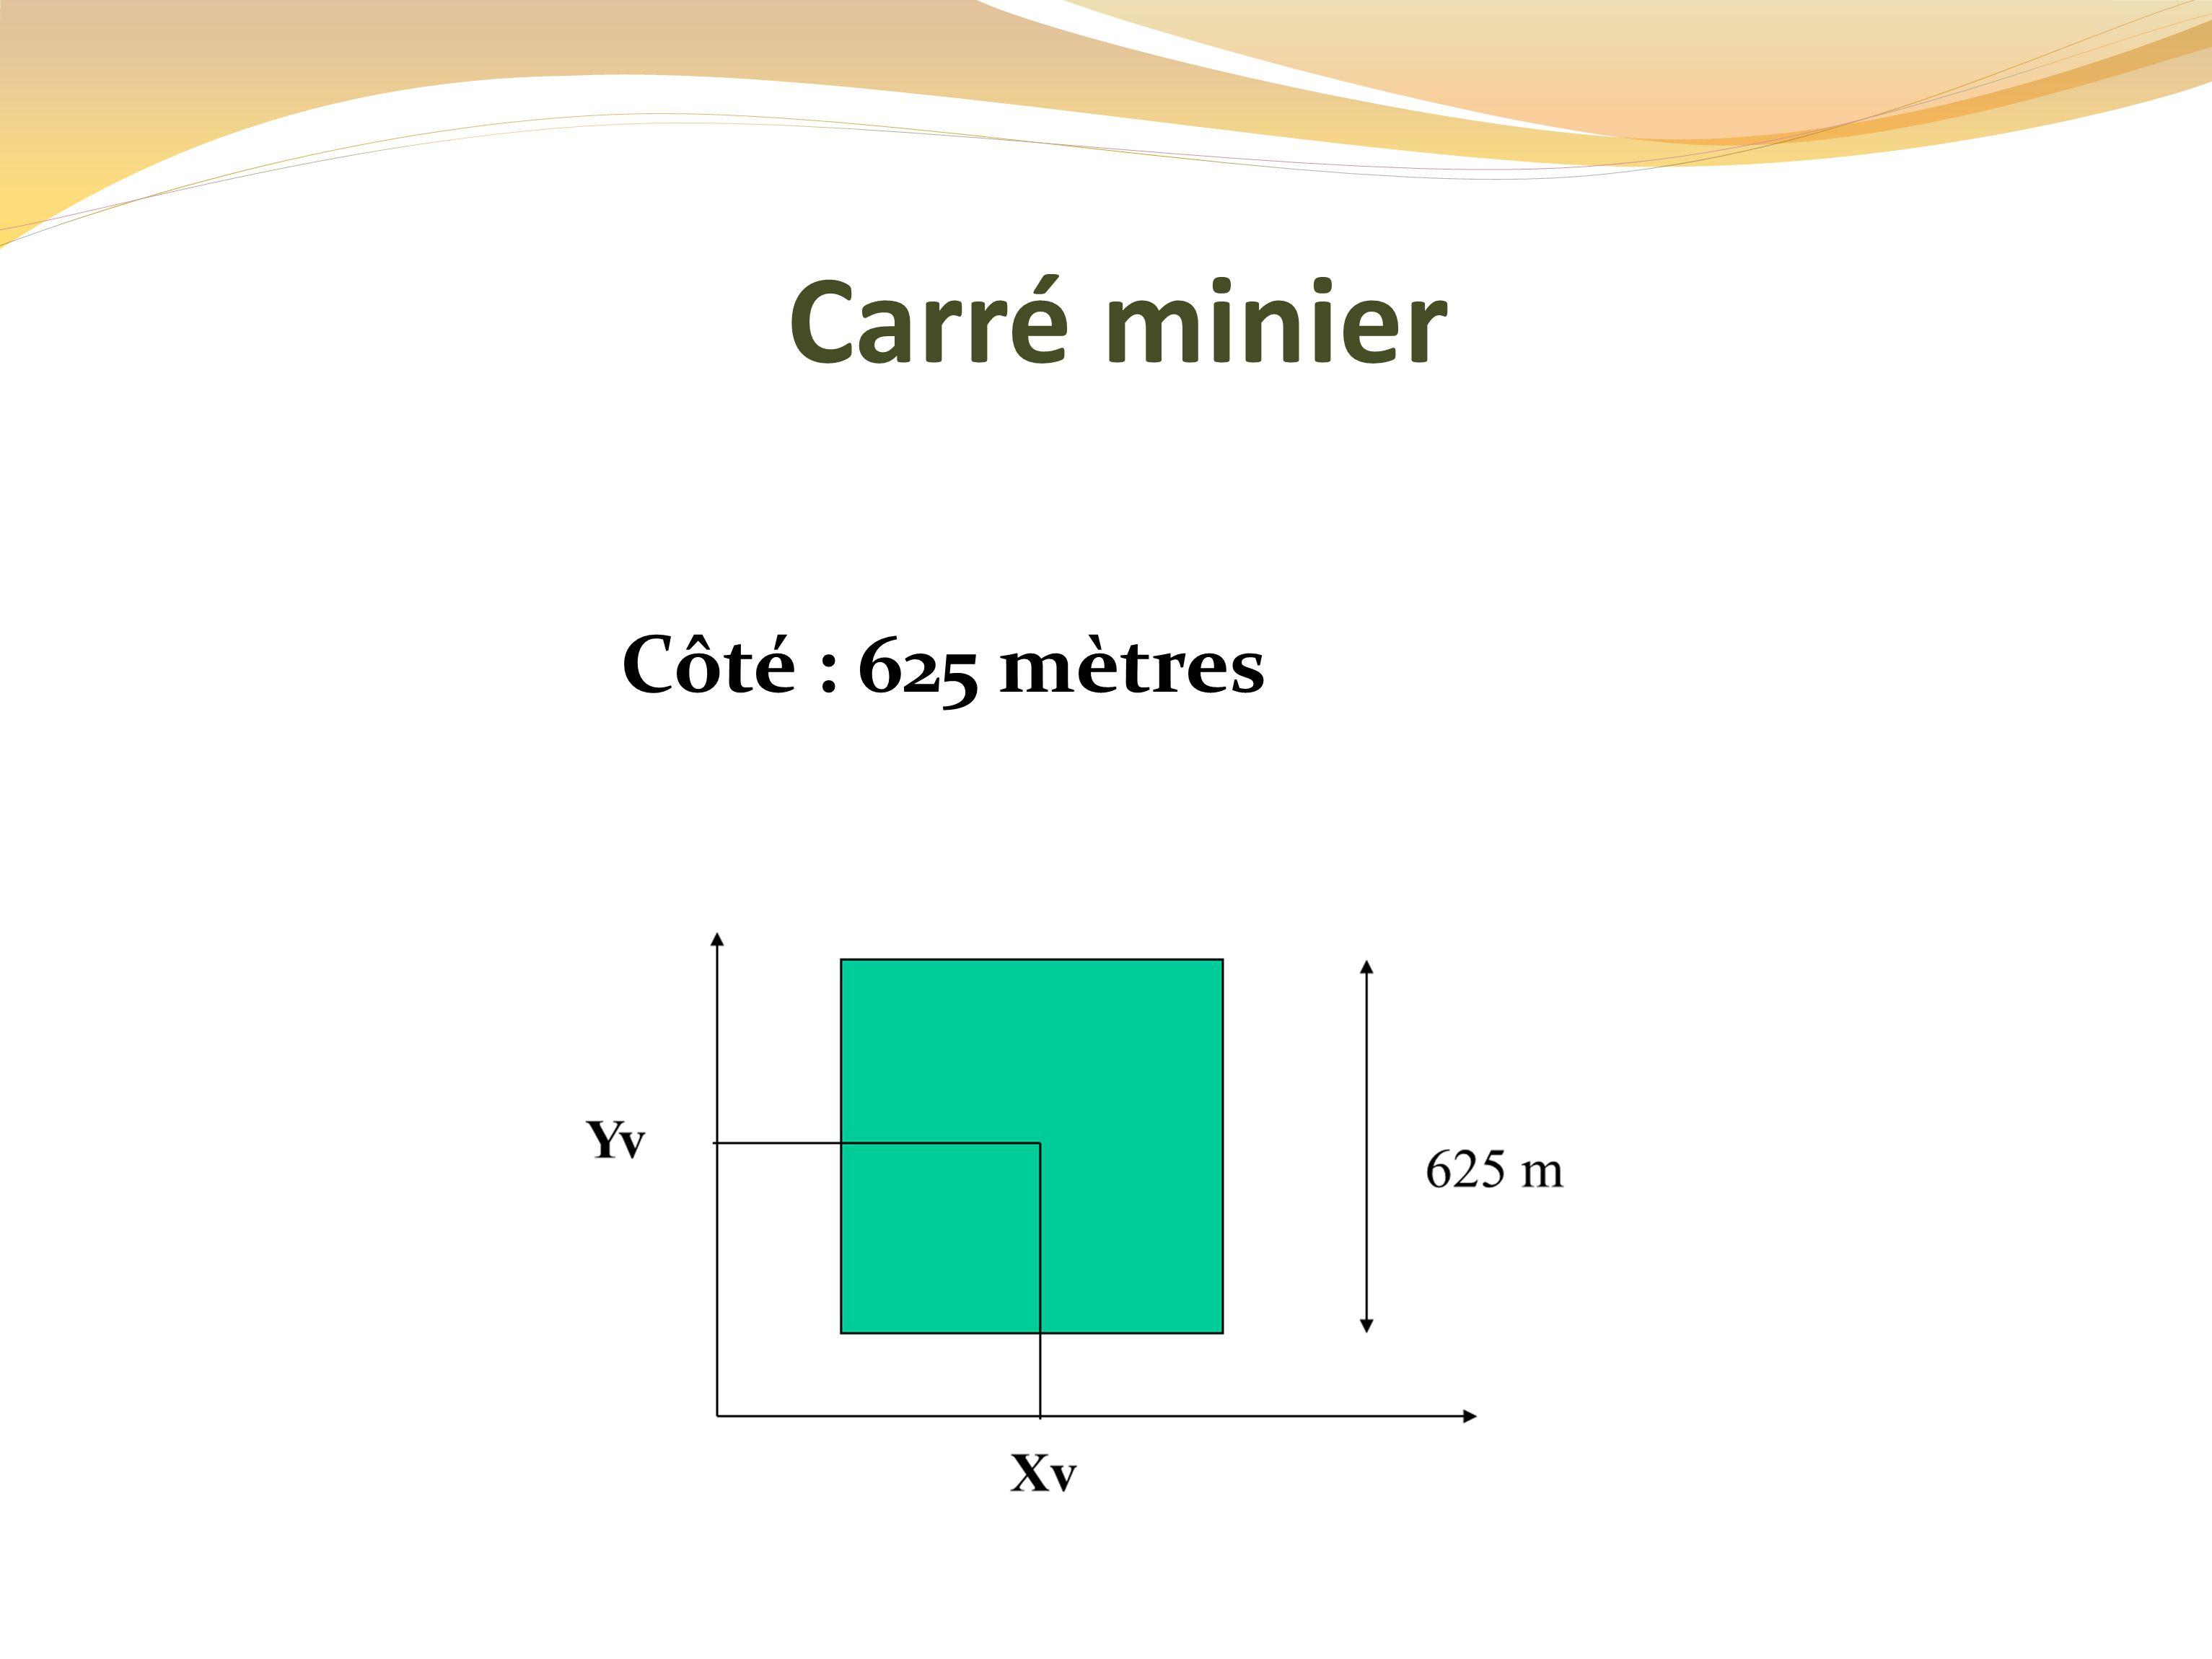 Carré minier Côté : 625 mètres